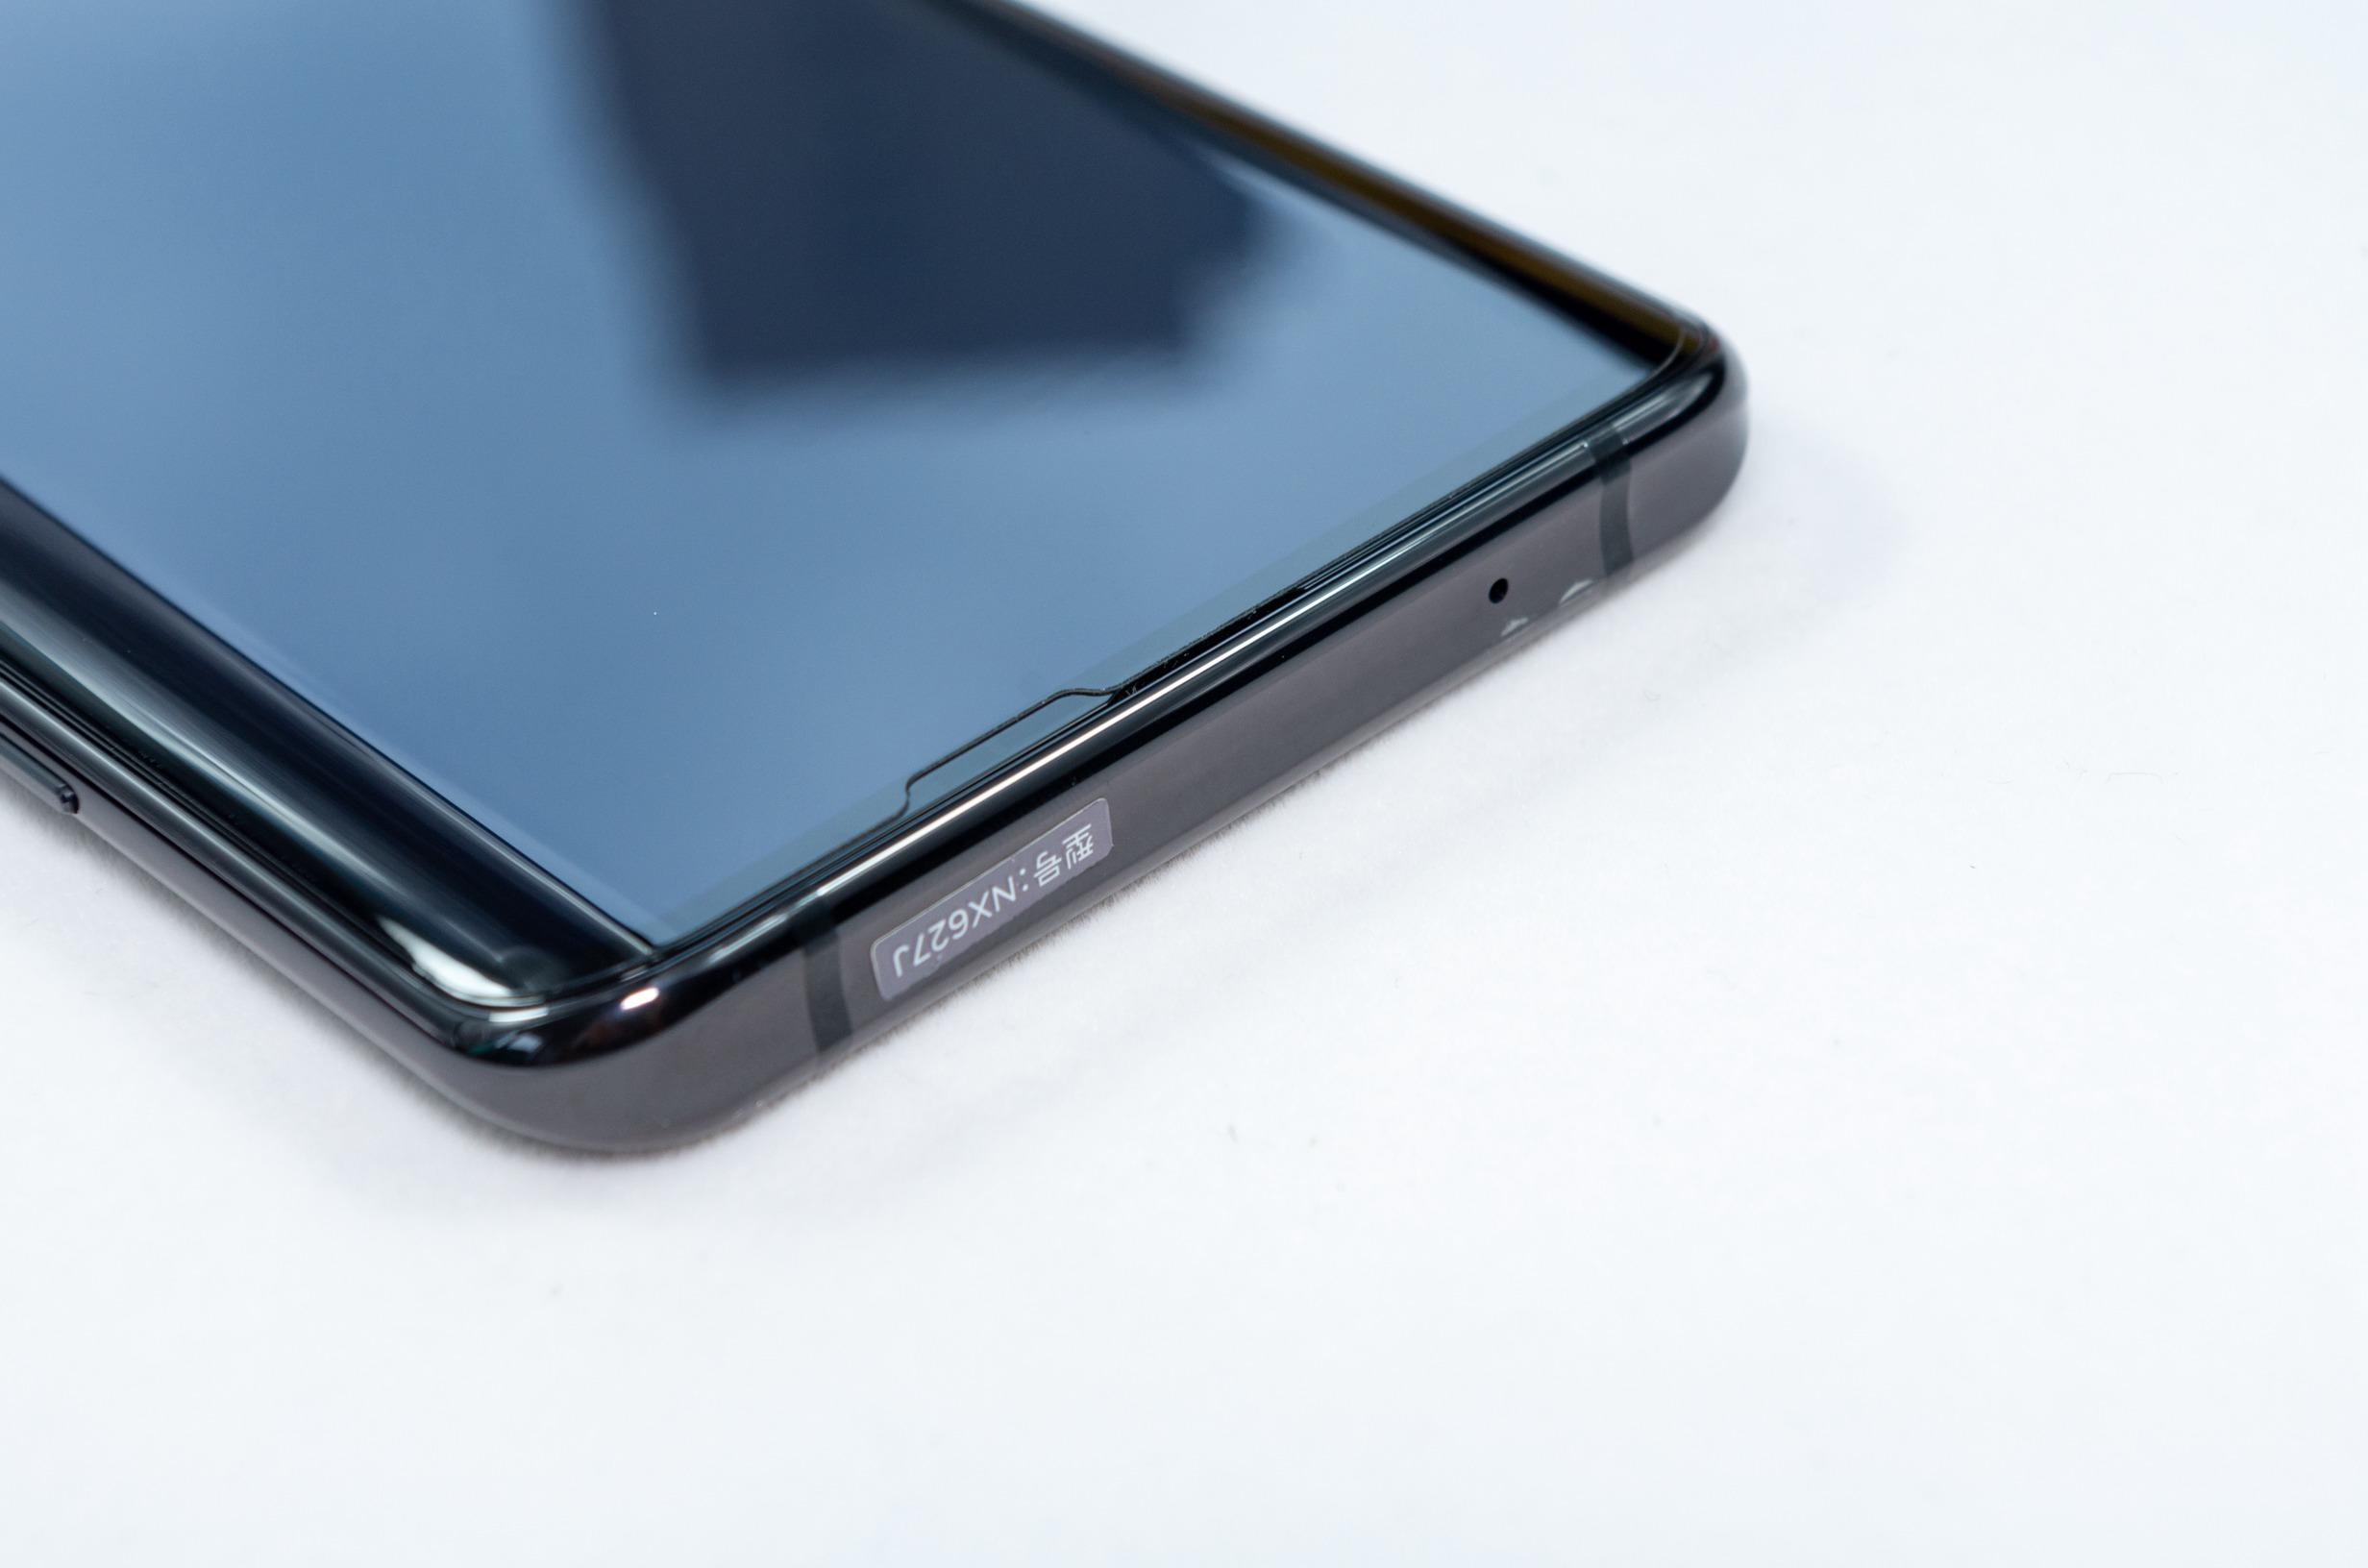 努比亚Z20评测:4800万像素超清自拍 前后双屏更实用